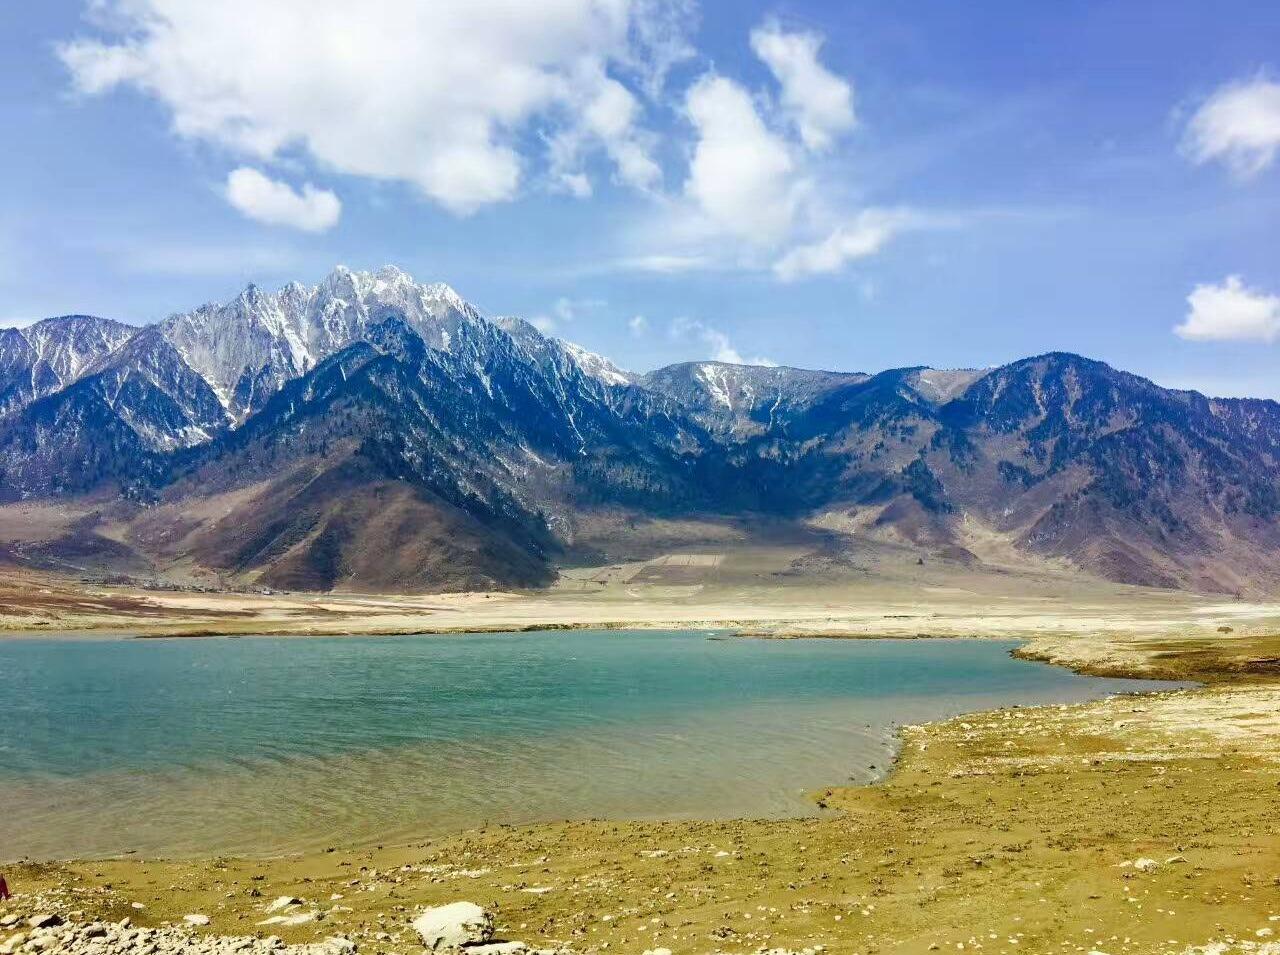 5月20约起彝乡秘境冶勒湖+孟获草甸2天